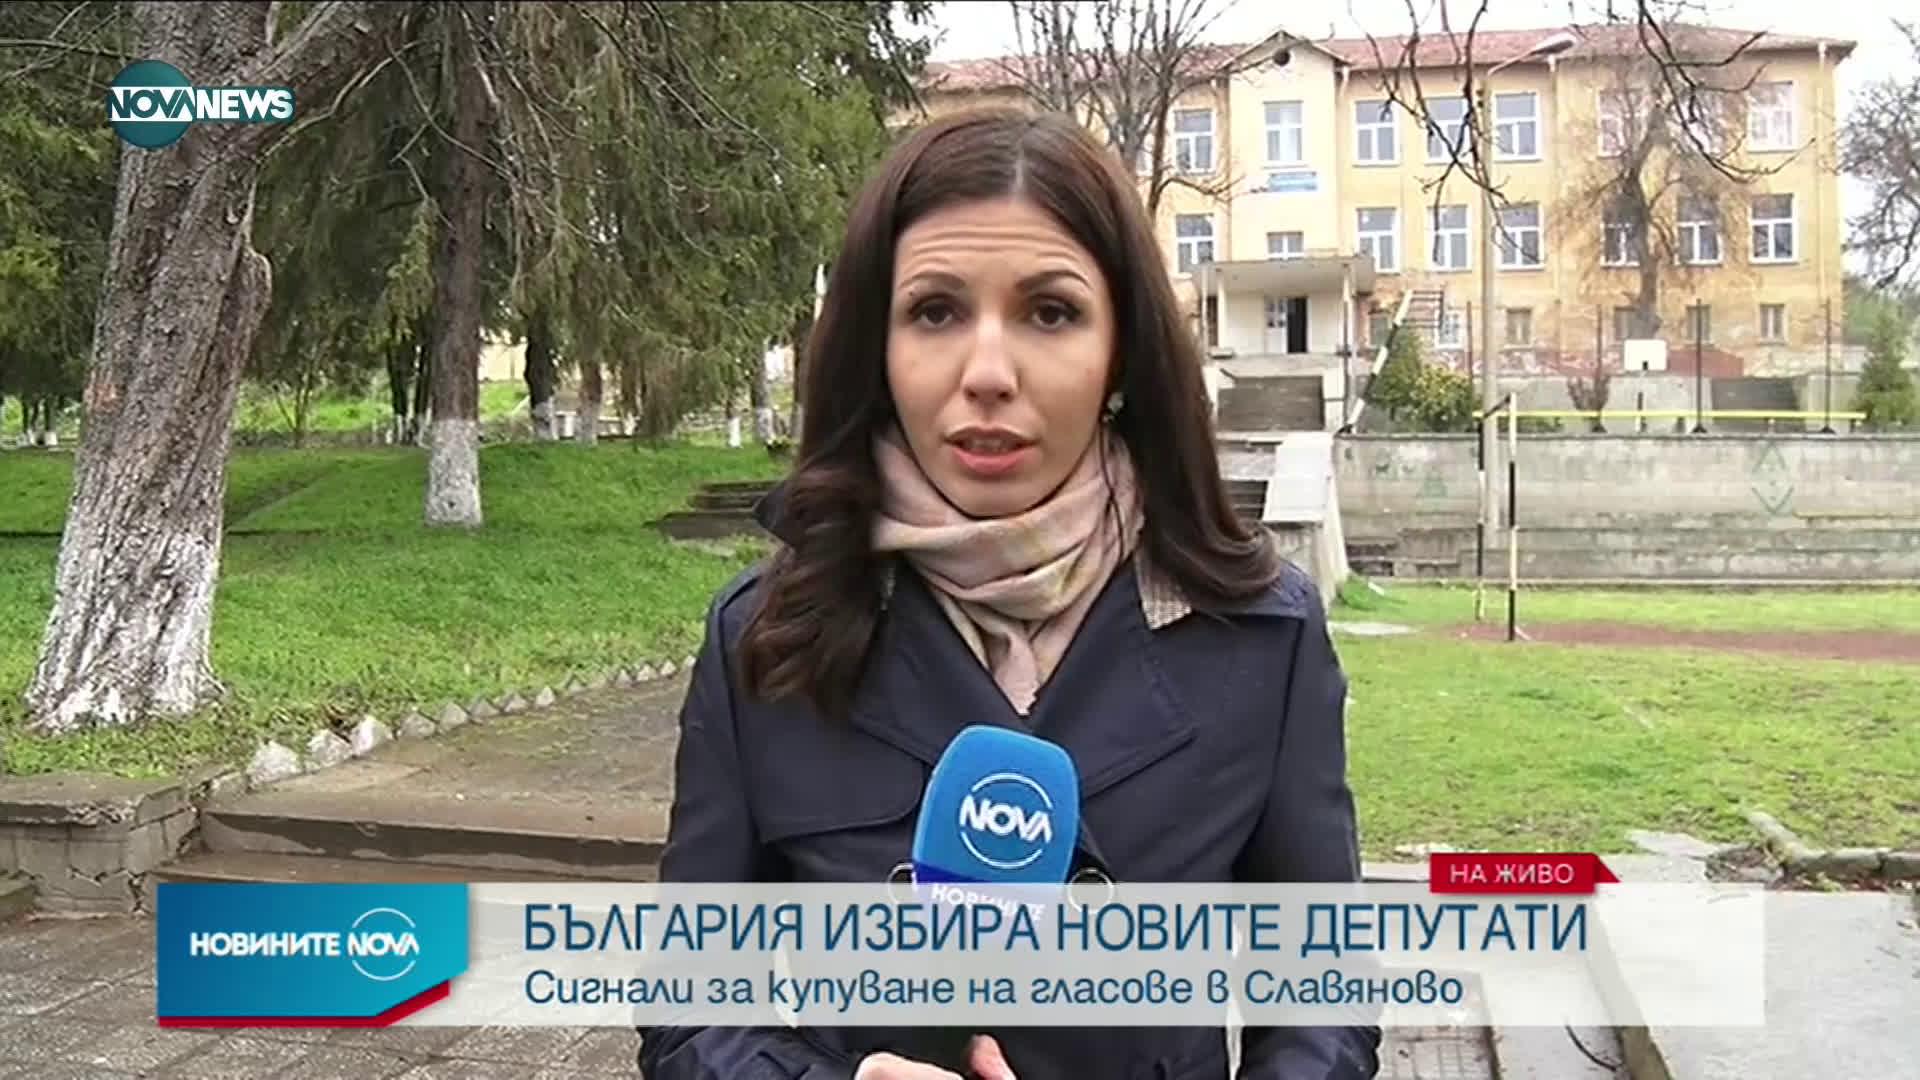 Проверяват сигнал за купуване на гласове в Славяново